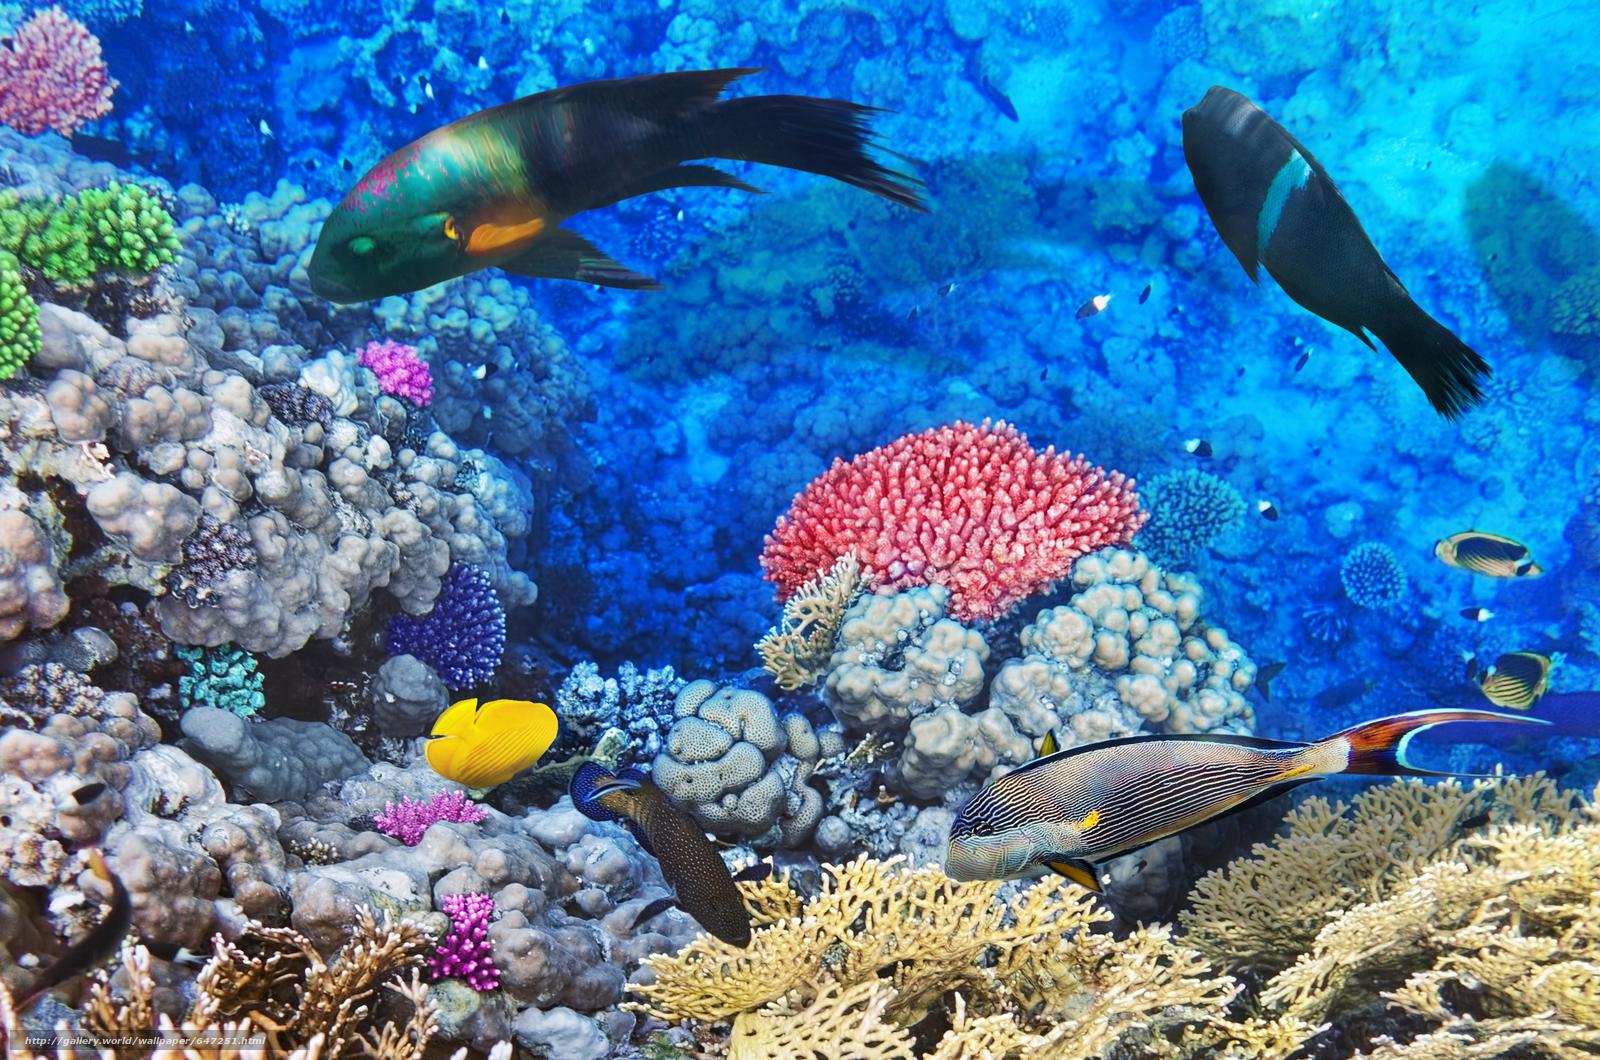 Скачать обои море,  морское дно,  рыбы,  природа бесплатно для рабочего стола в разрешении 4200x2783 — картинка №647251